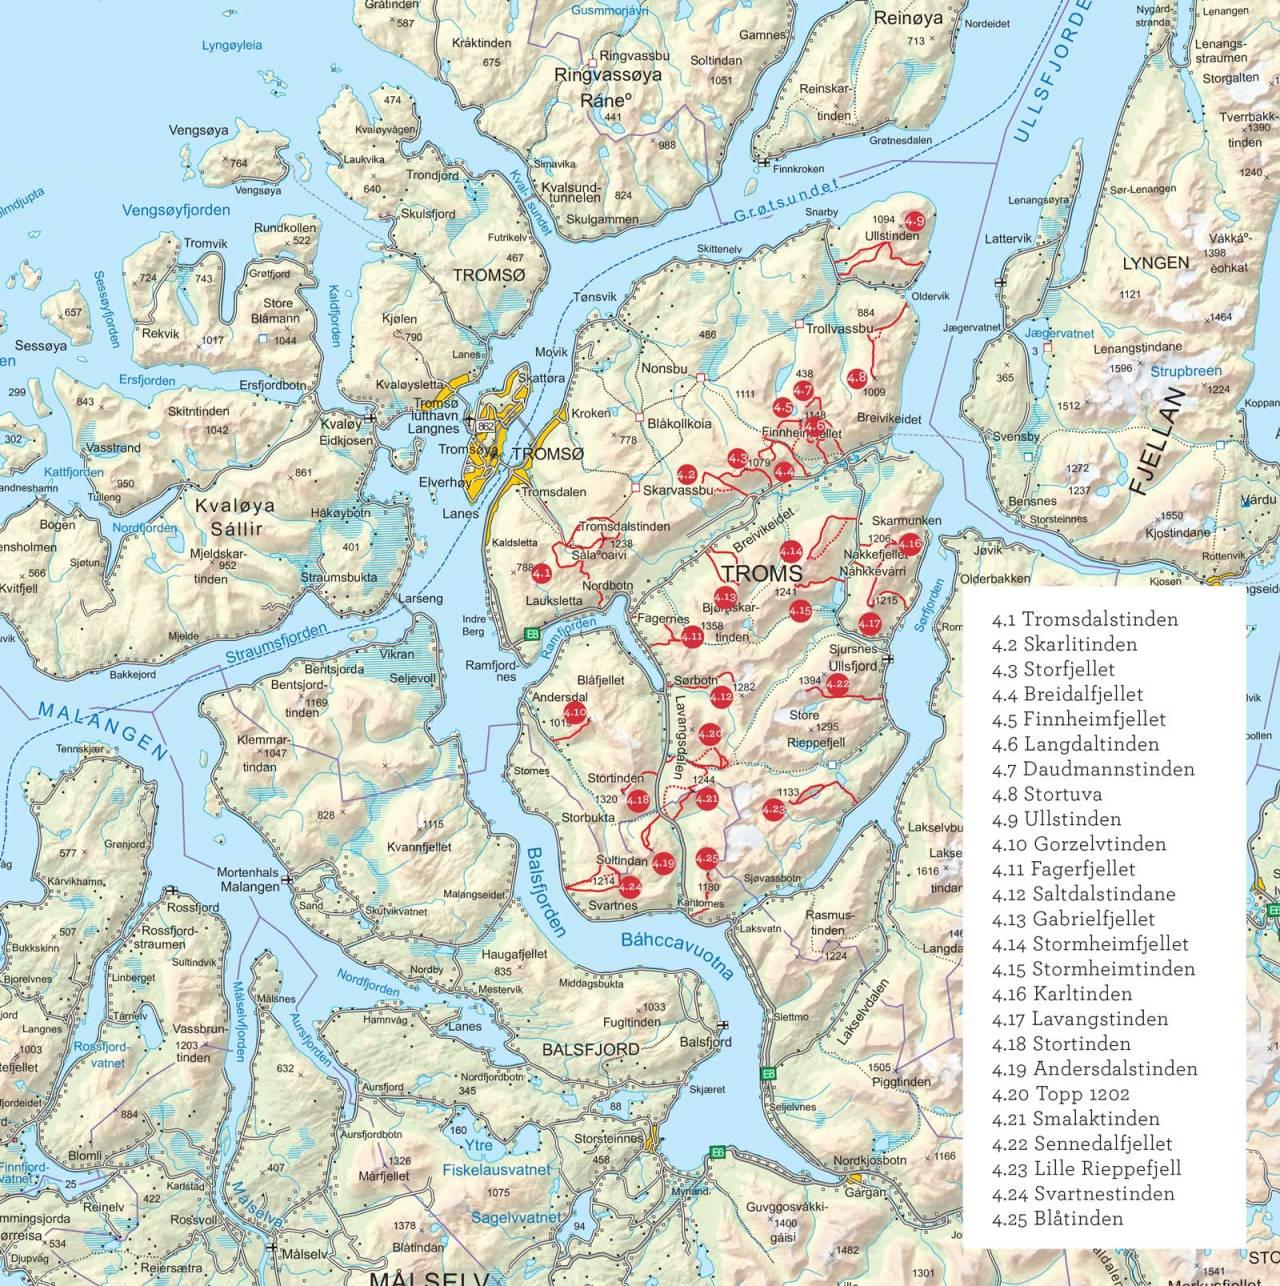 Oversiktskart over Tromsø fastland. Fra Toppturer i Troms.